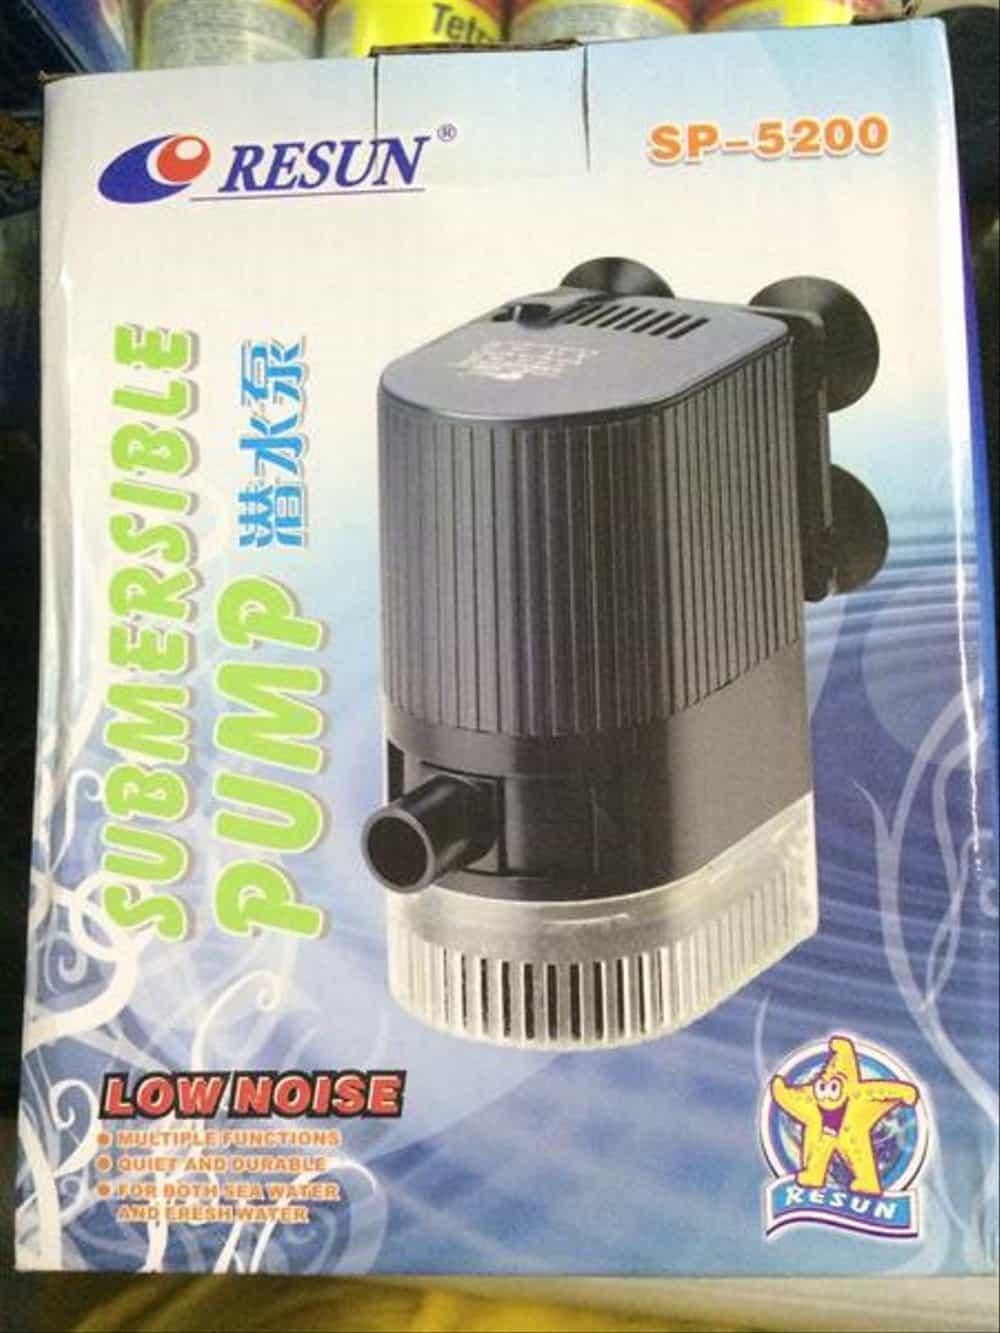 Resun-Aquarium-SP-5200